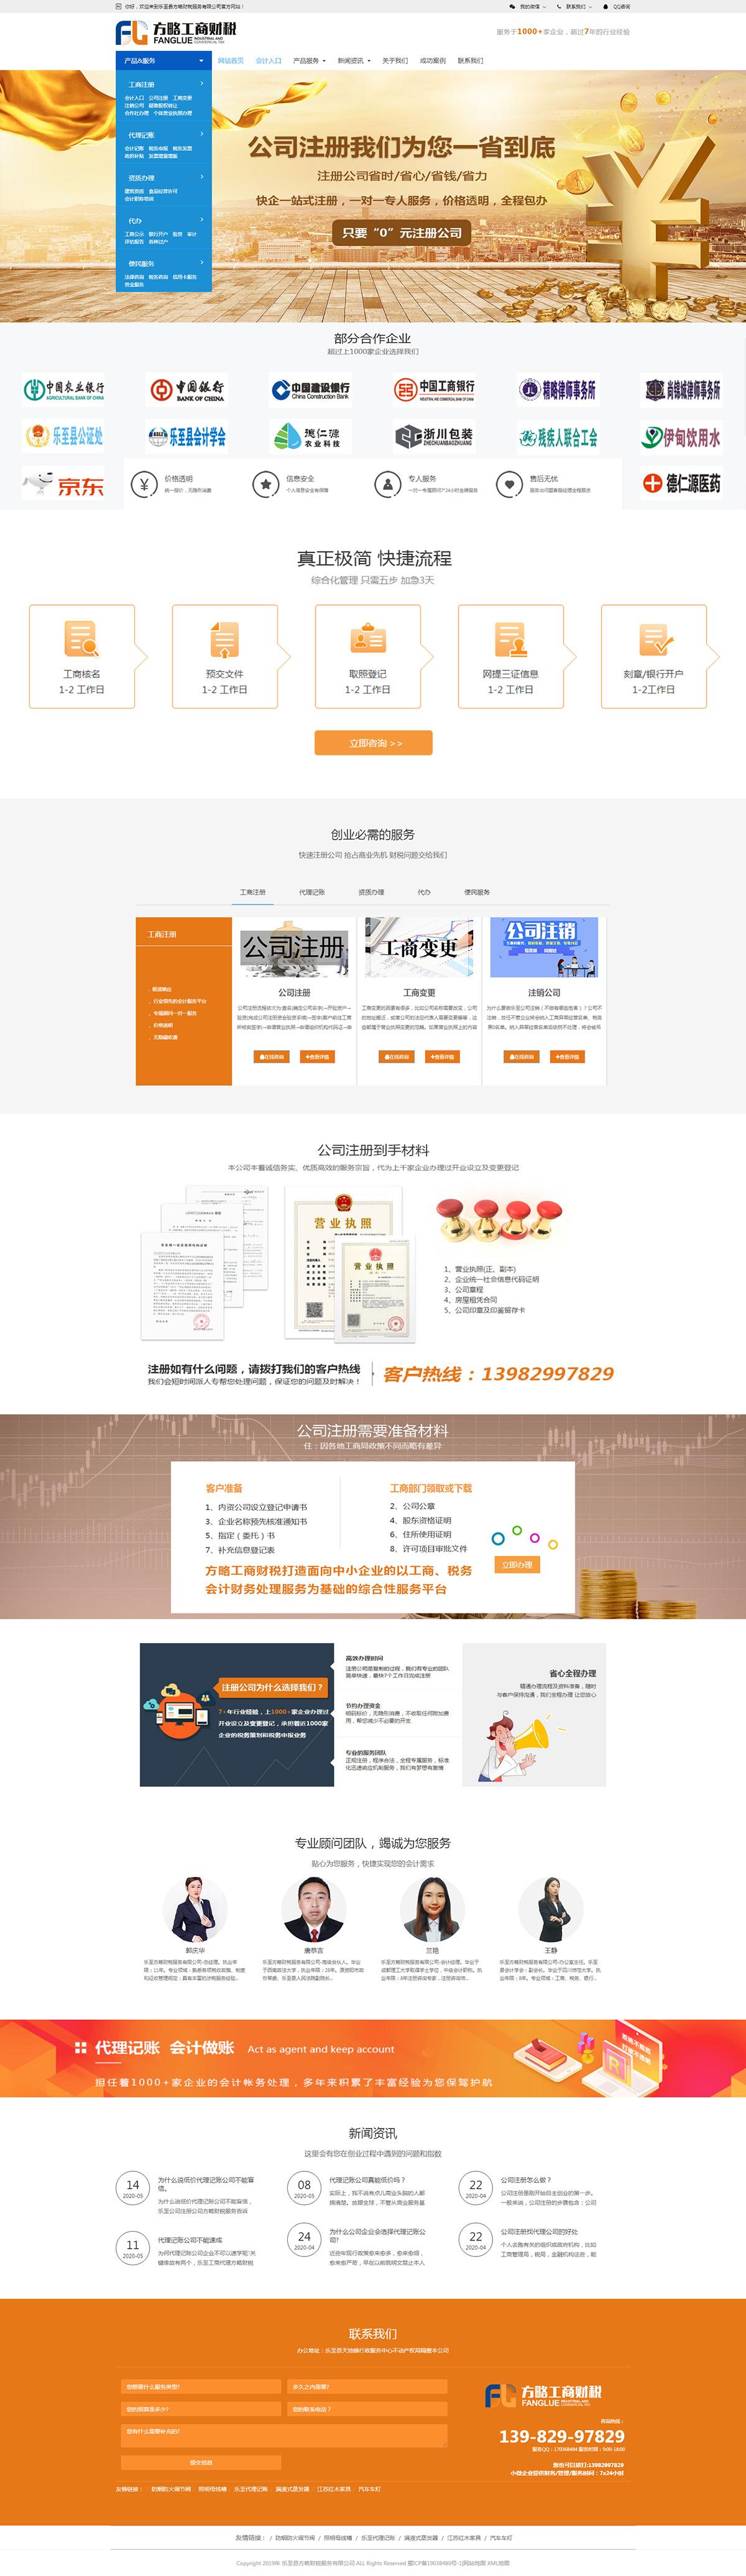 方略财税模板网站